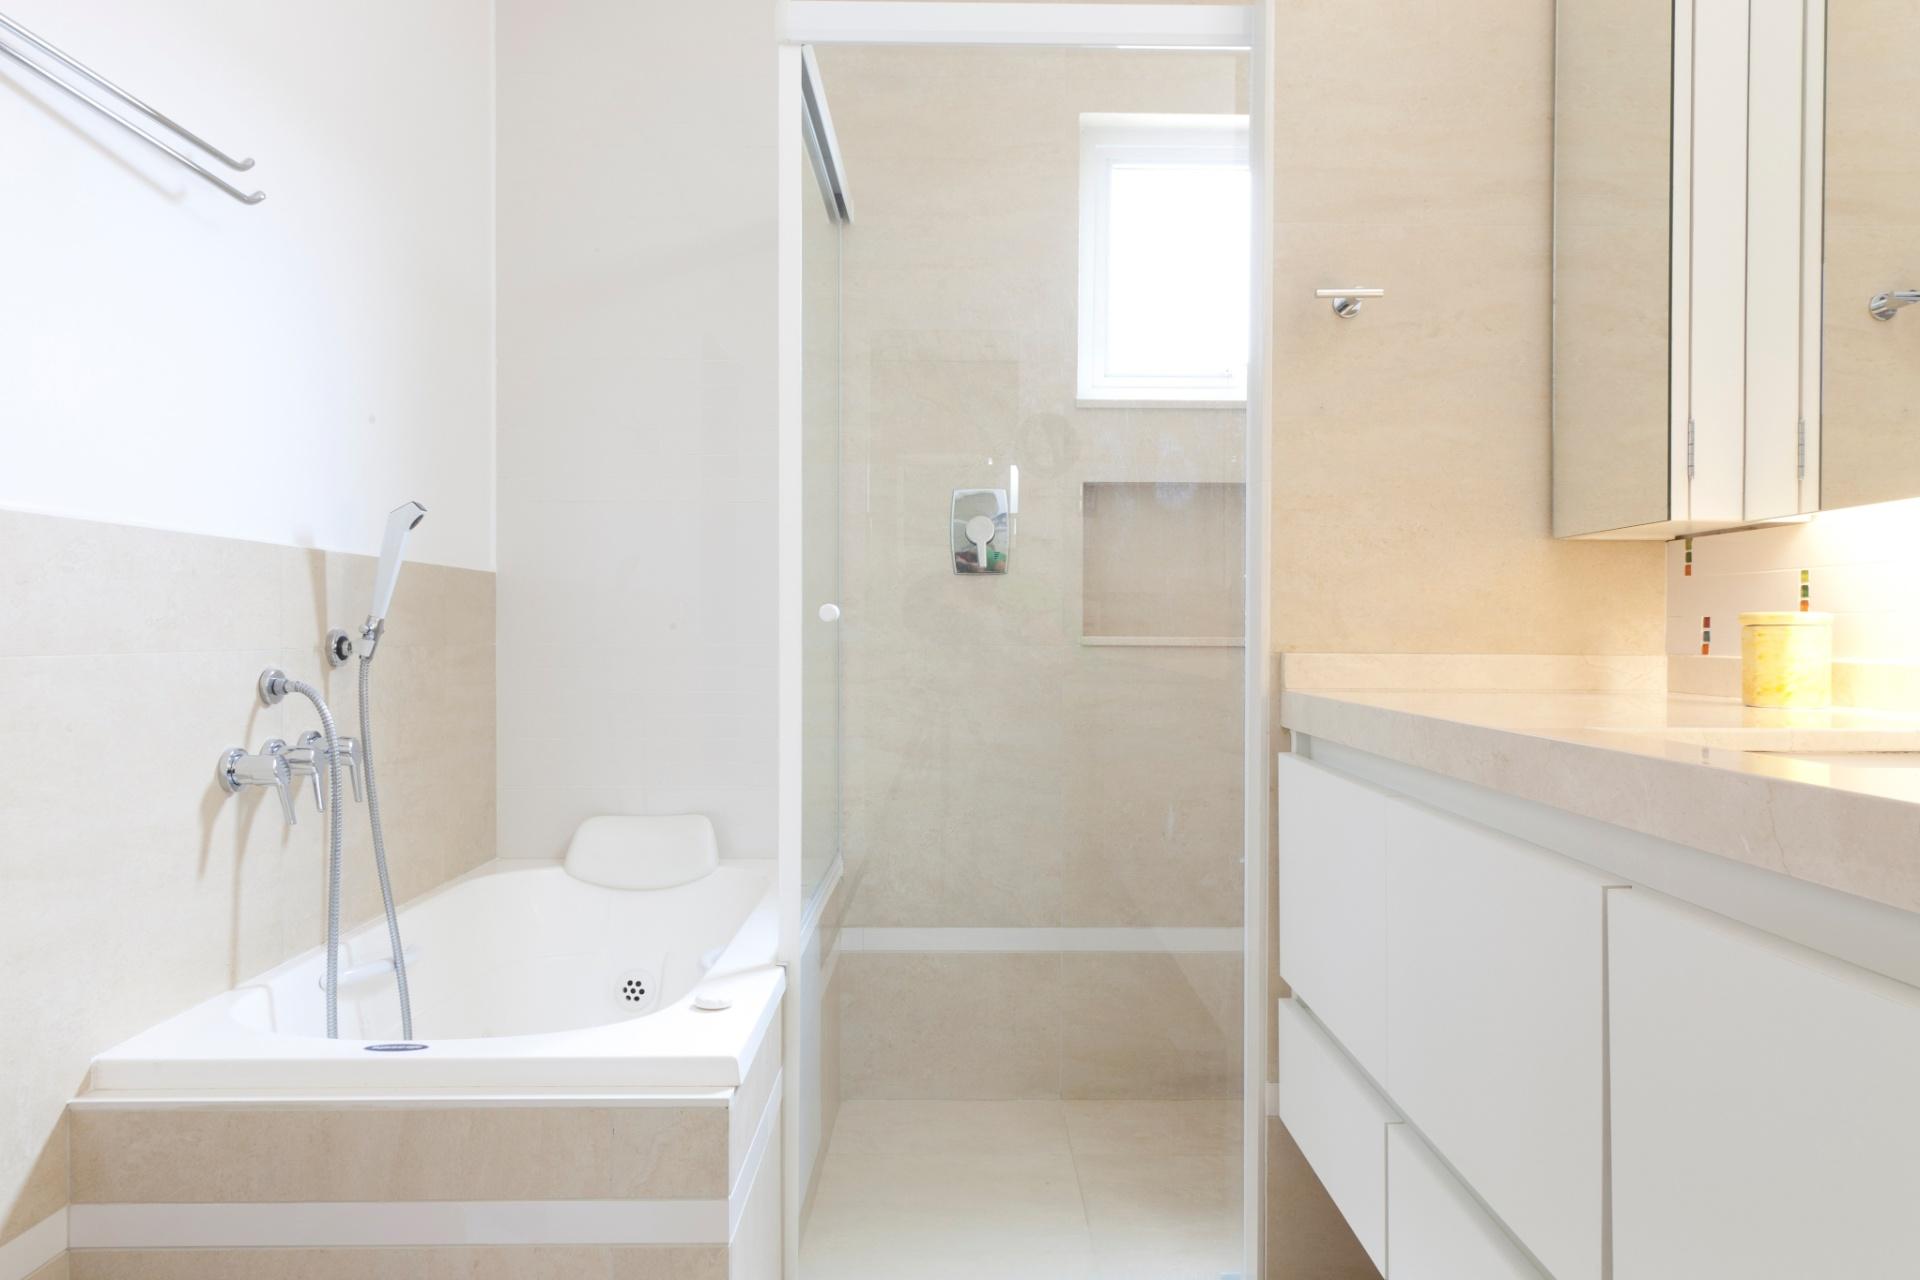 Banheiros pequenos: dicas de decoração para quem tem pouco espaço  #975934 1920 1280